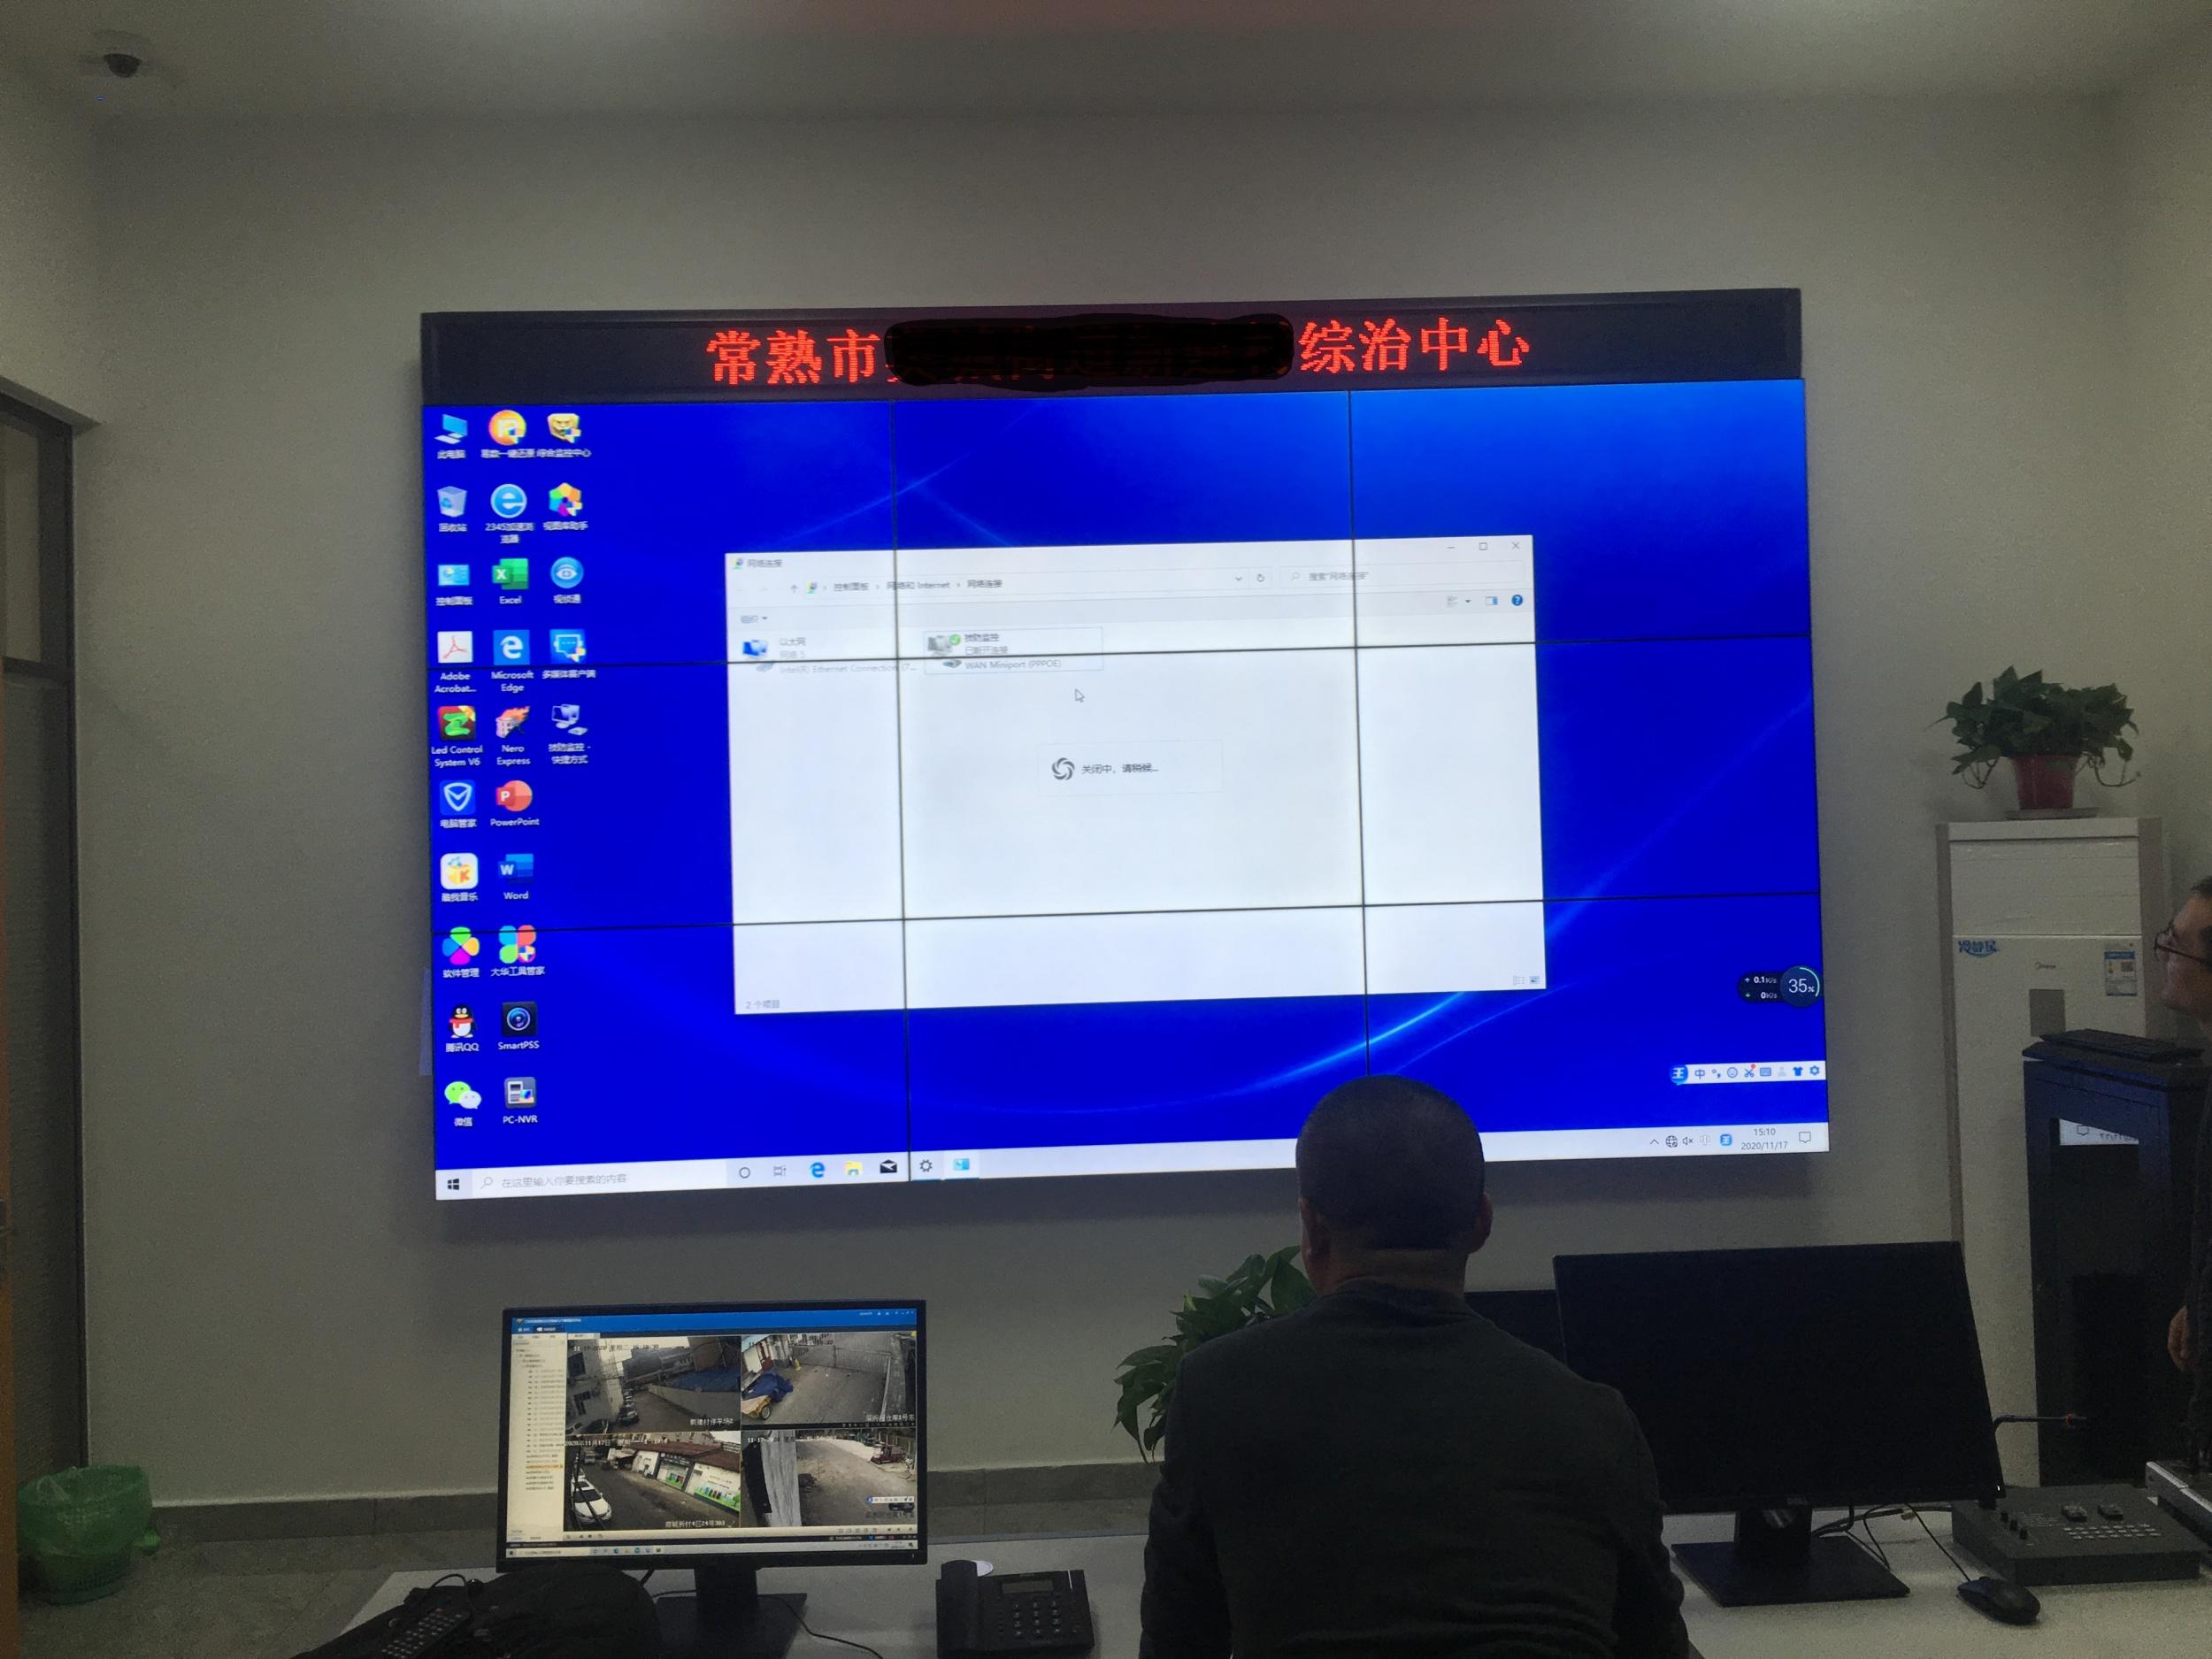 久屏显示55寸betway必威登录平台必威体育平台屏应用于江苏常熟某监控中心